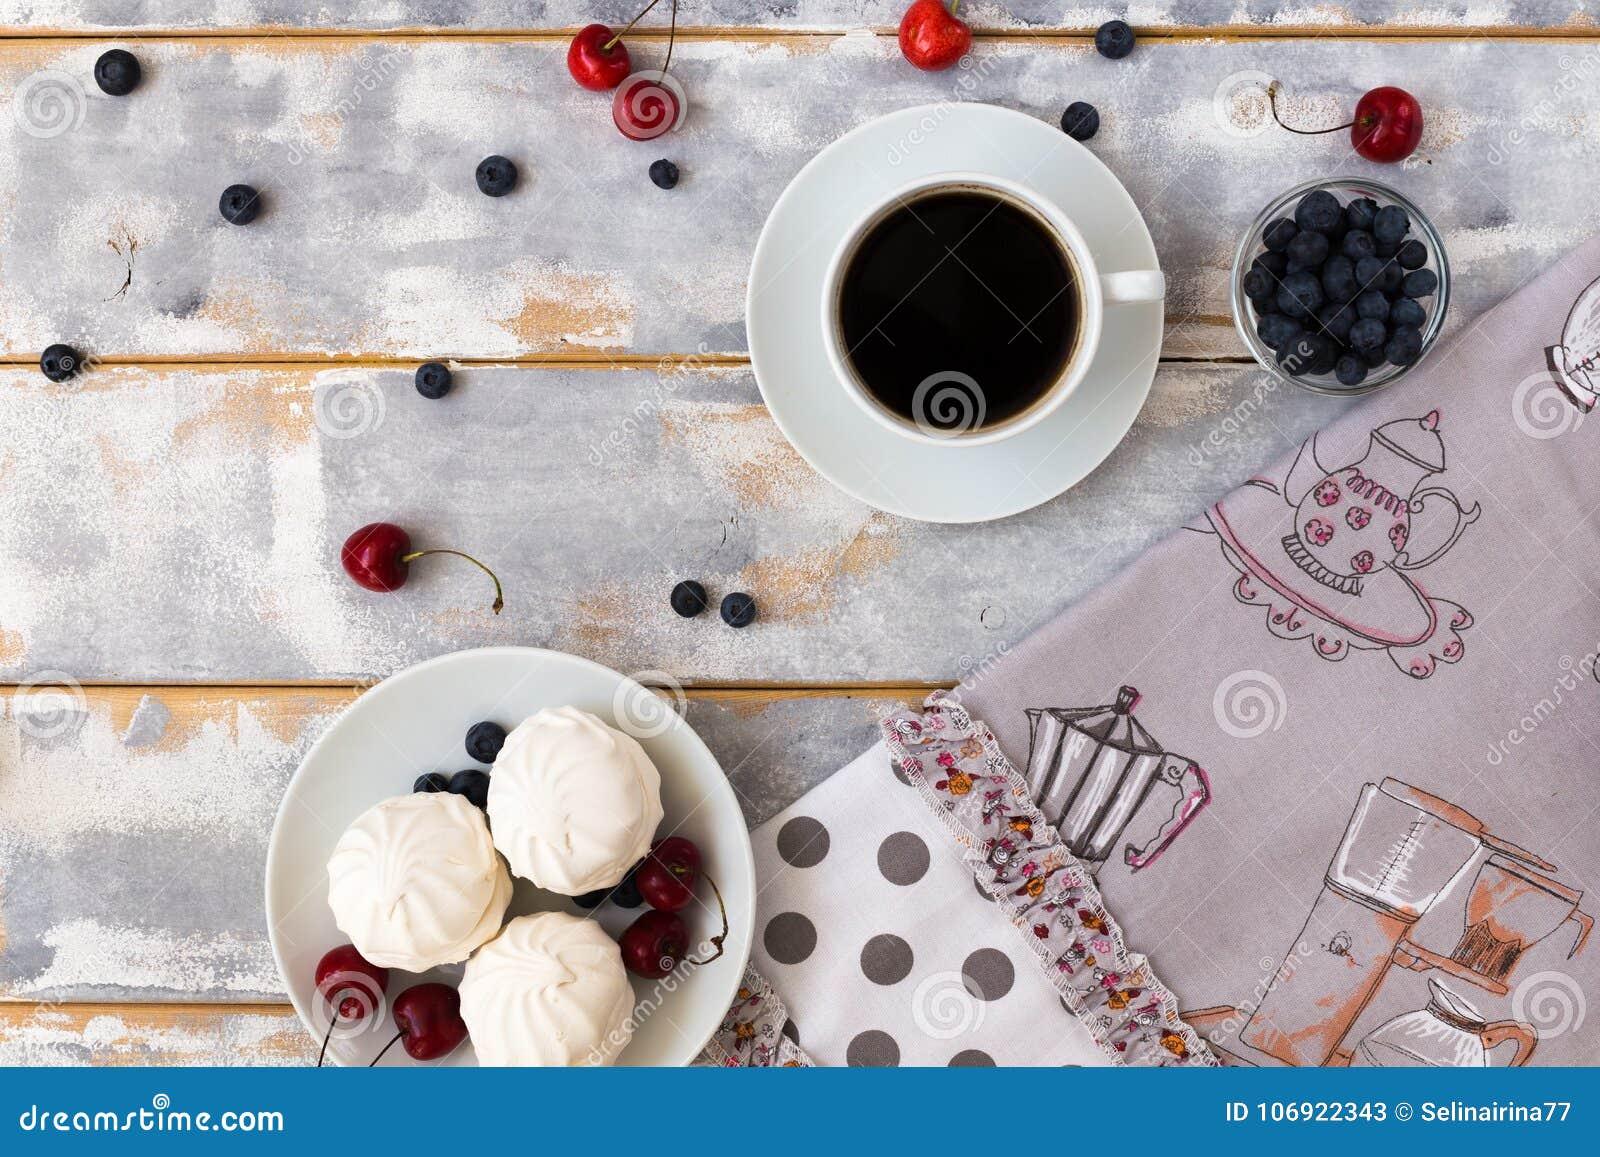 Odgórny widok wyśmienicie śniadanie z croissants, kawa, czarne jagody i wiśnia na stole,